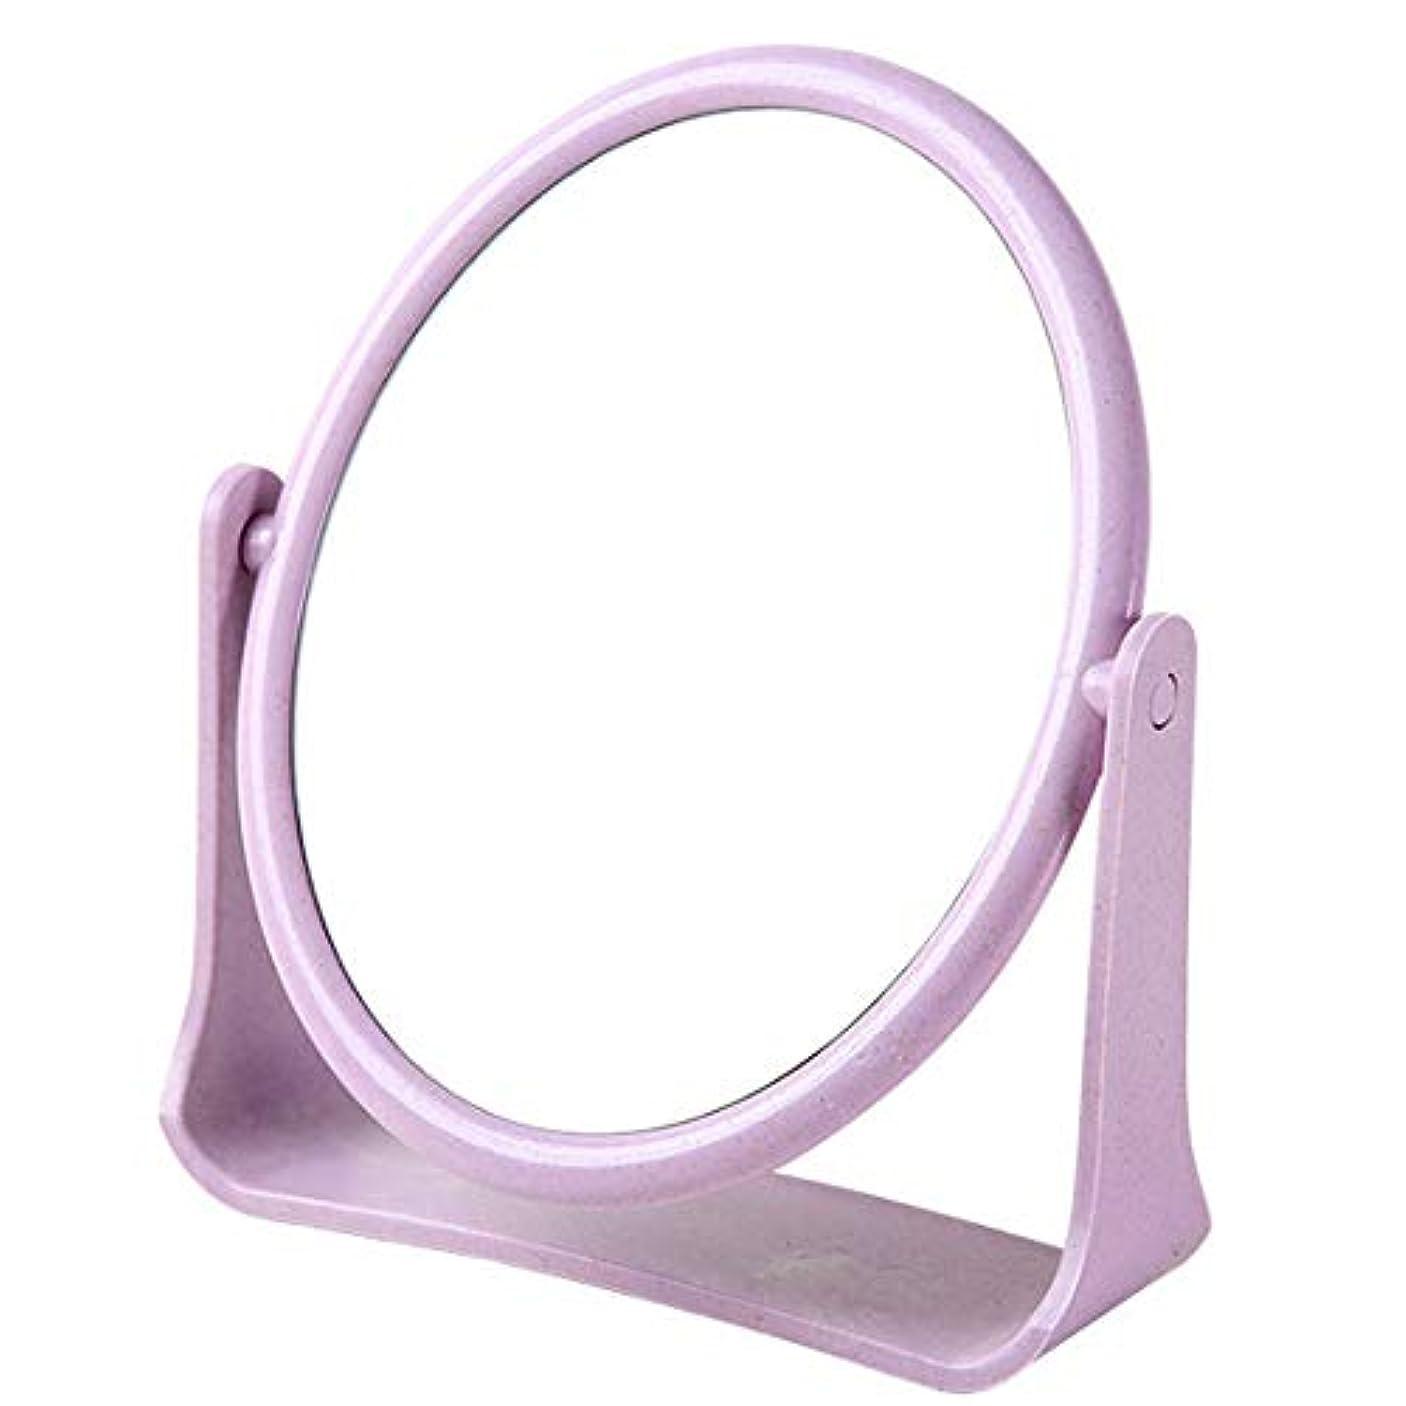 革命的禁止アンドリューハリディ化粧鏡 360度回転 スタンドミラー メイク両面鏡 ポータブル 多角度転換可能円形のカウンタートップ (パープル)